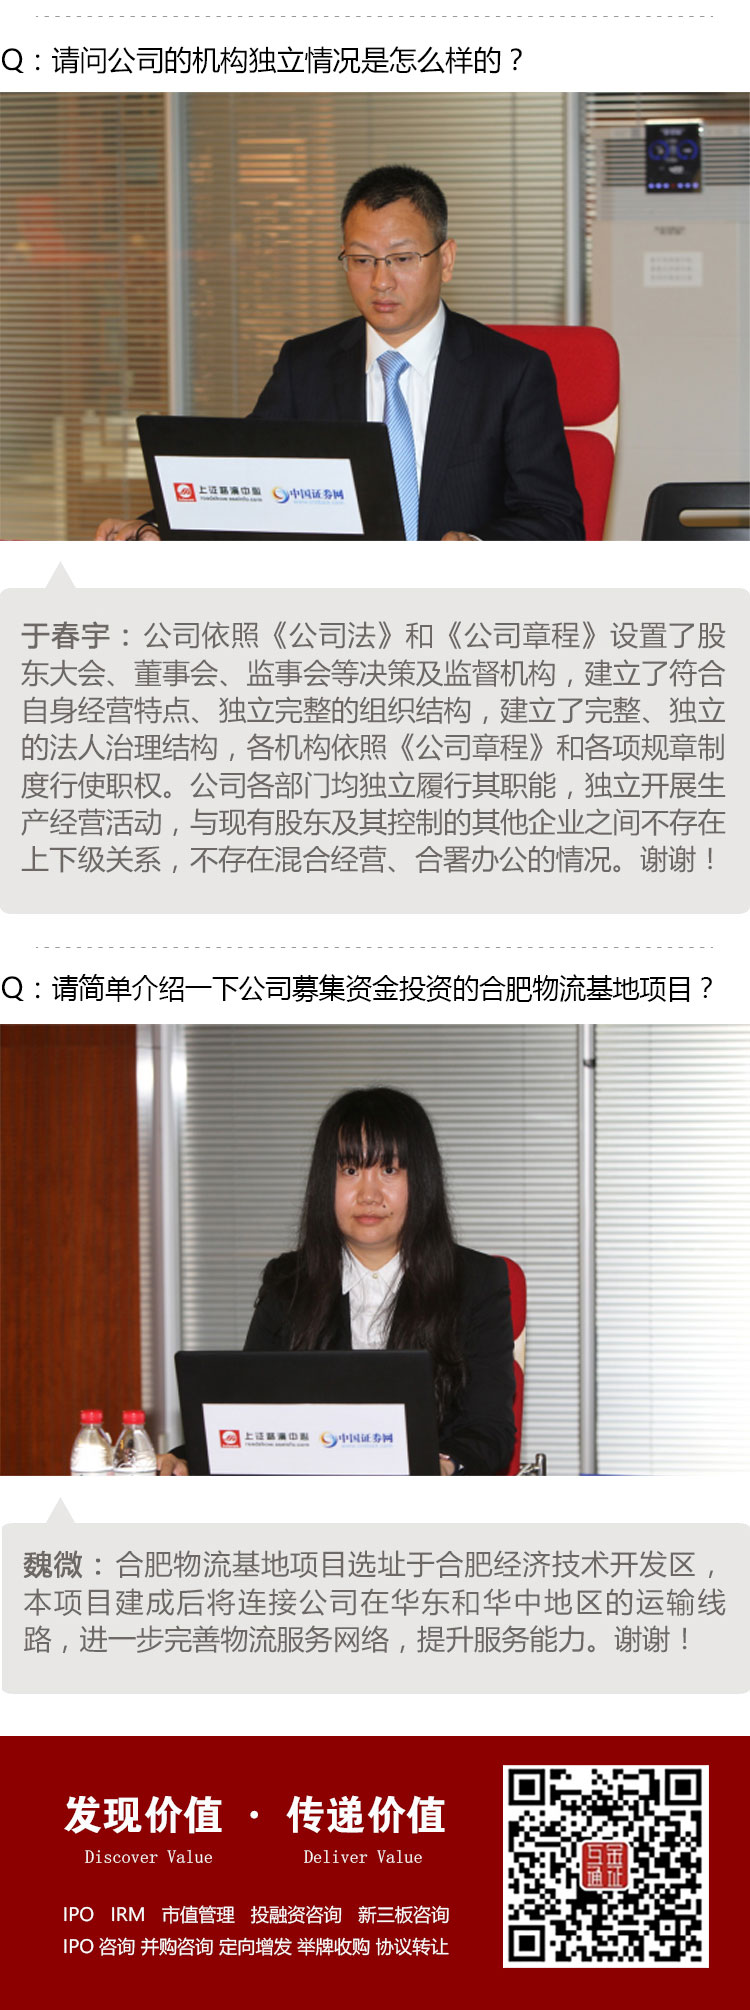 原尚路演_07.jpg